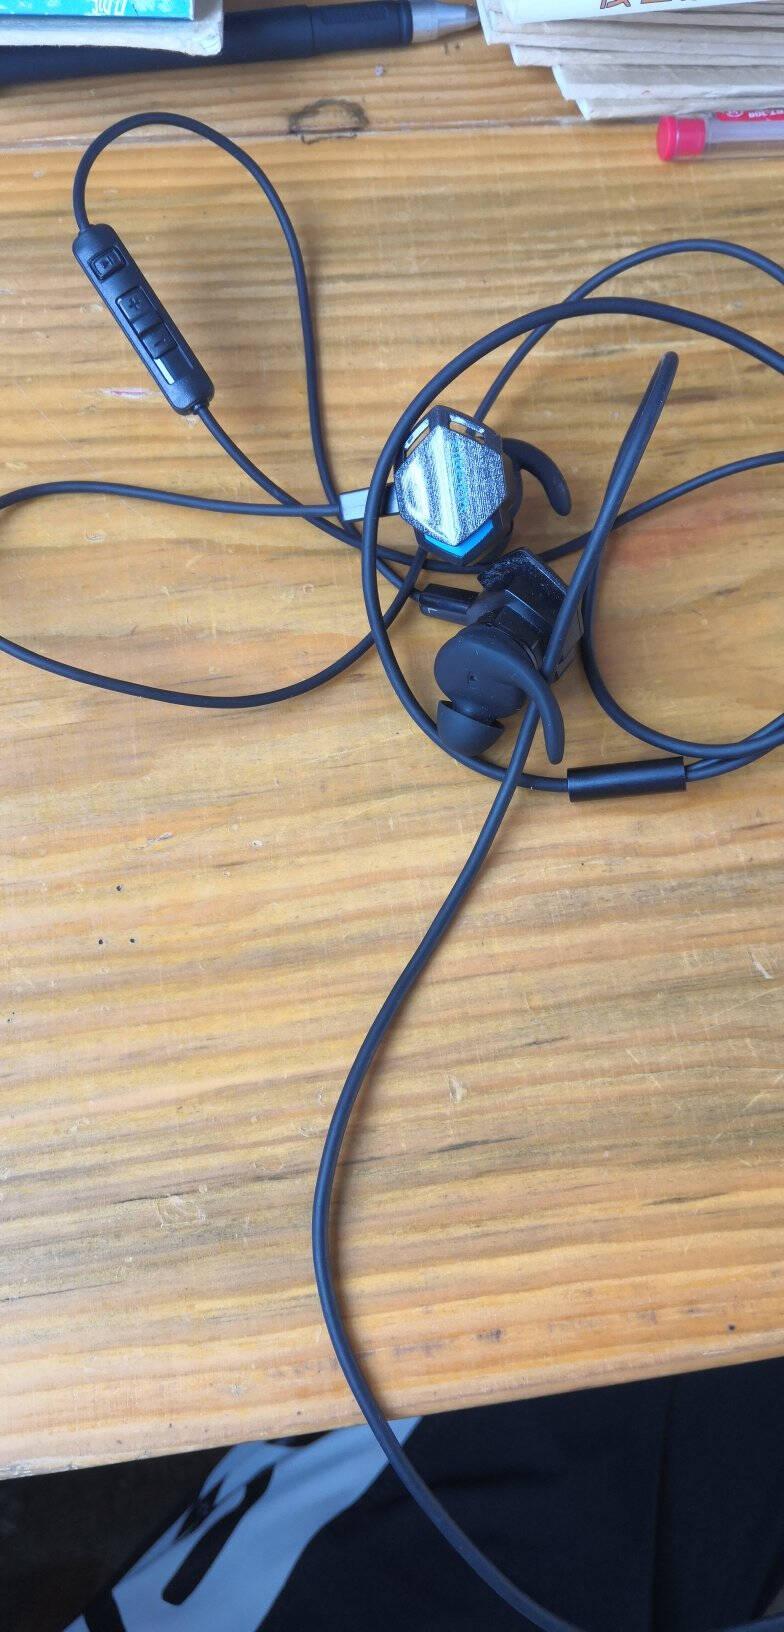 西伯利亚MG-2游戏耳机入耳式电竞吃鸡耳机听声辩位7.1声道外置声卡电脑手机耳机带麦MG-2Pro7.1声道电脑版黑色